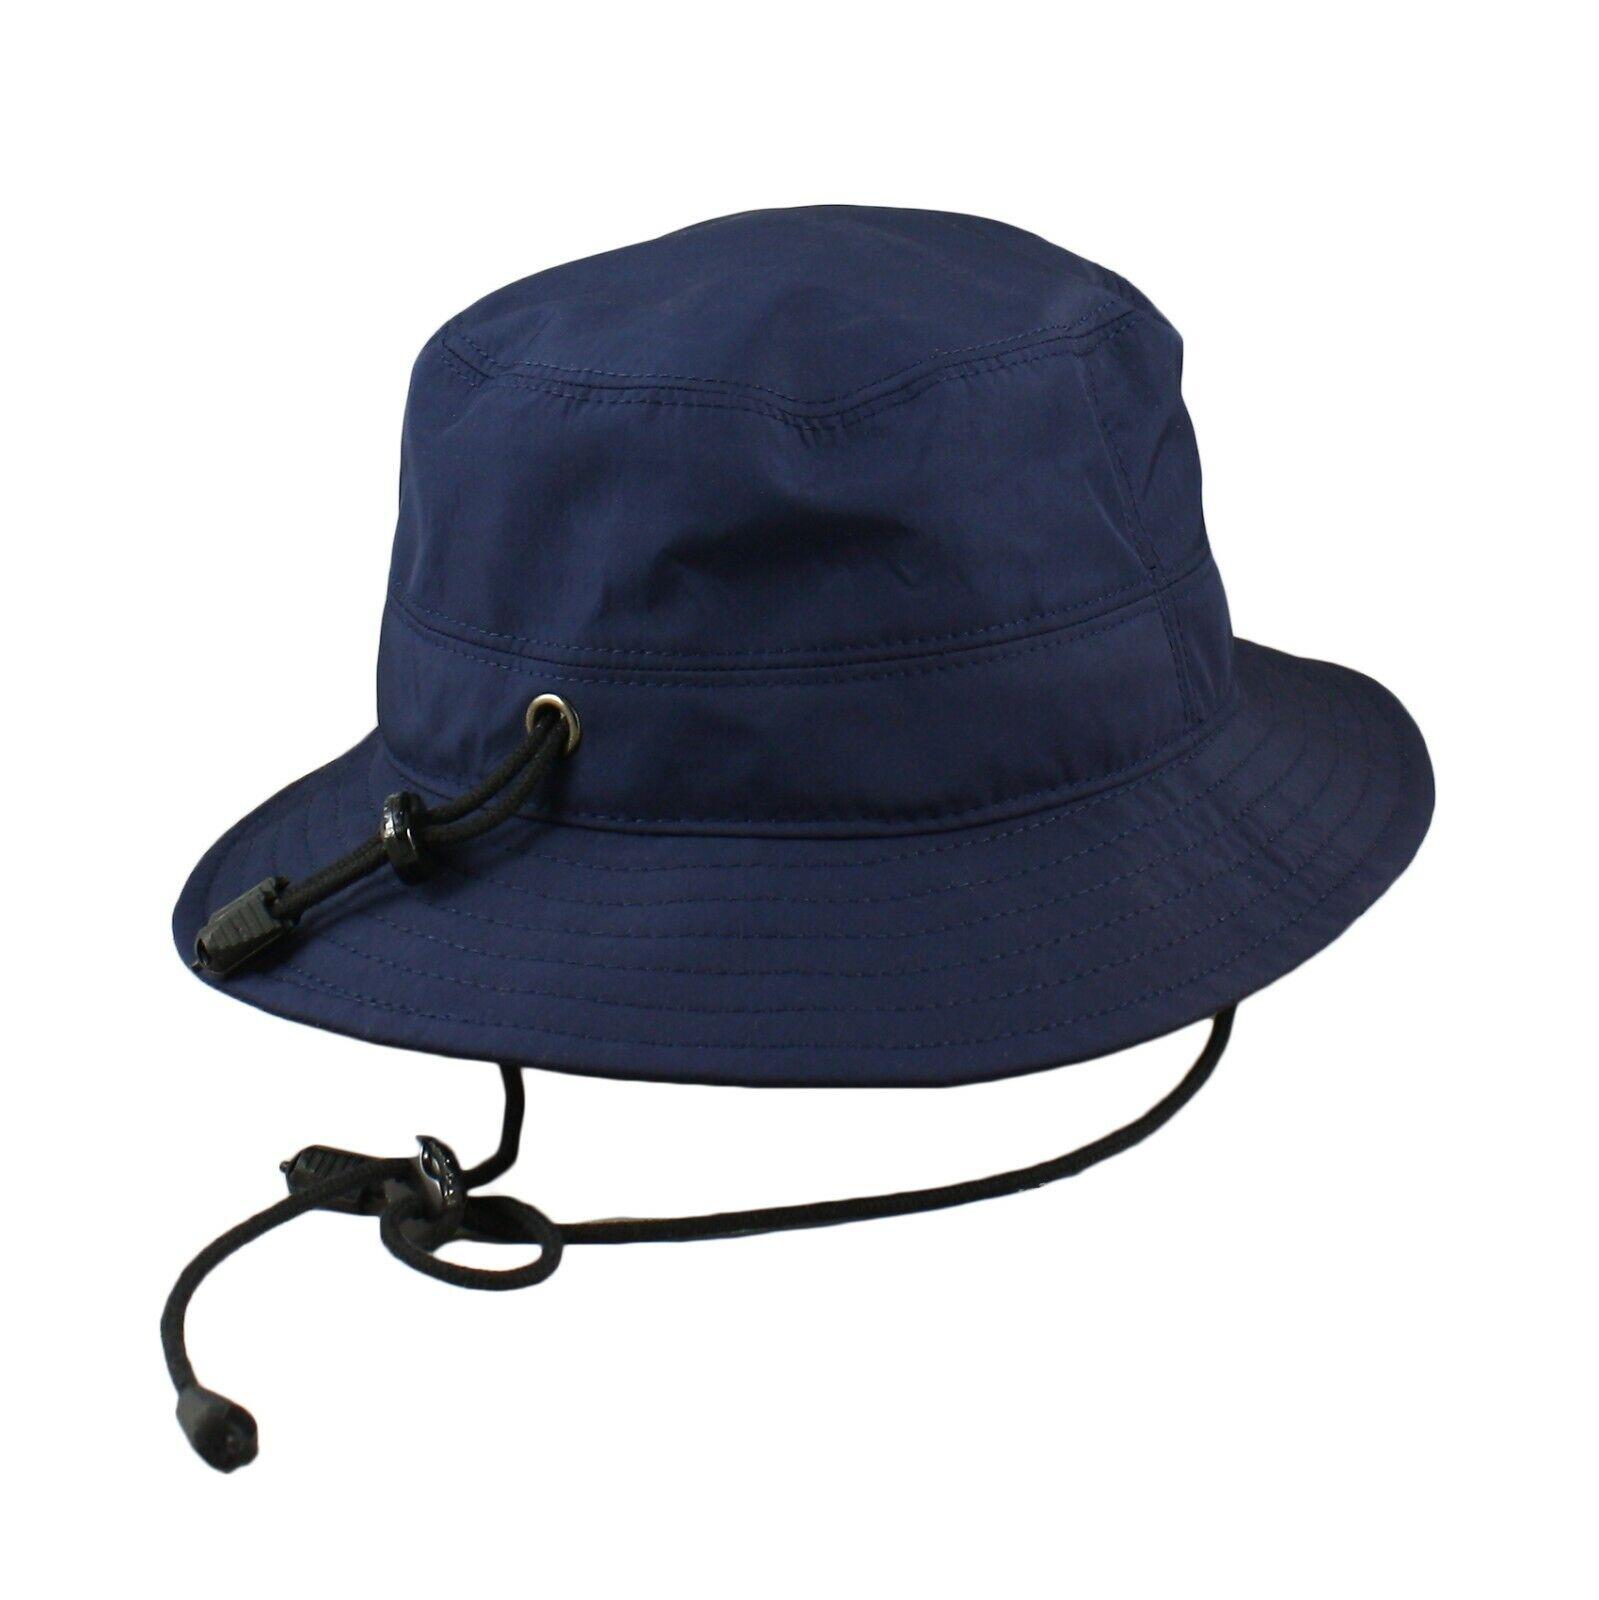 Anglerhut Winddicht Wegener Gore-Tex-Hut Lichtschutzfaktor 40+ regendicht und atmungsaktiv mit UV-Shutz aus Microfaser